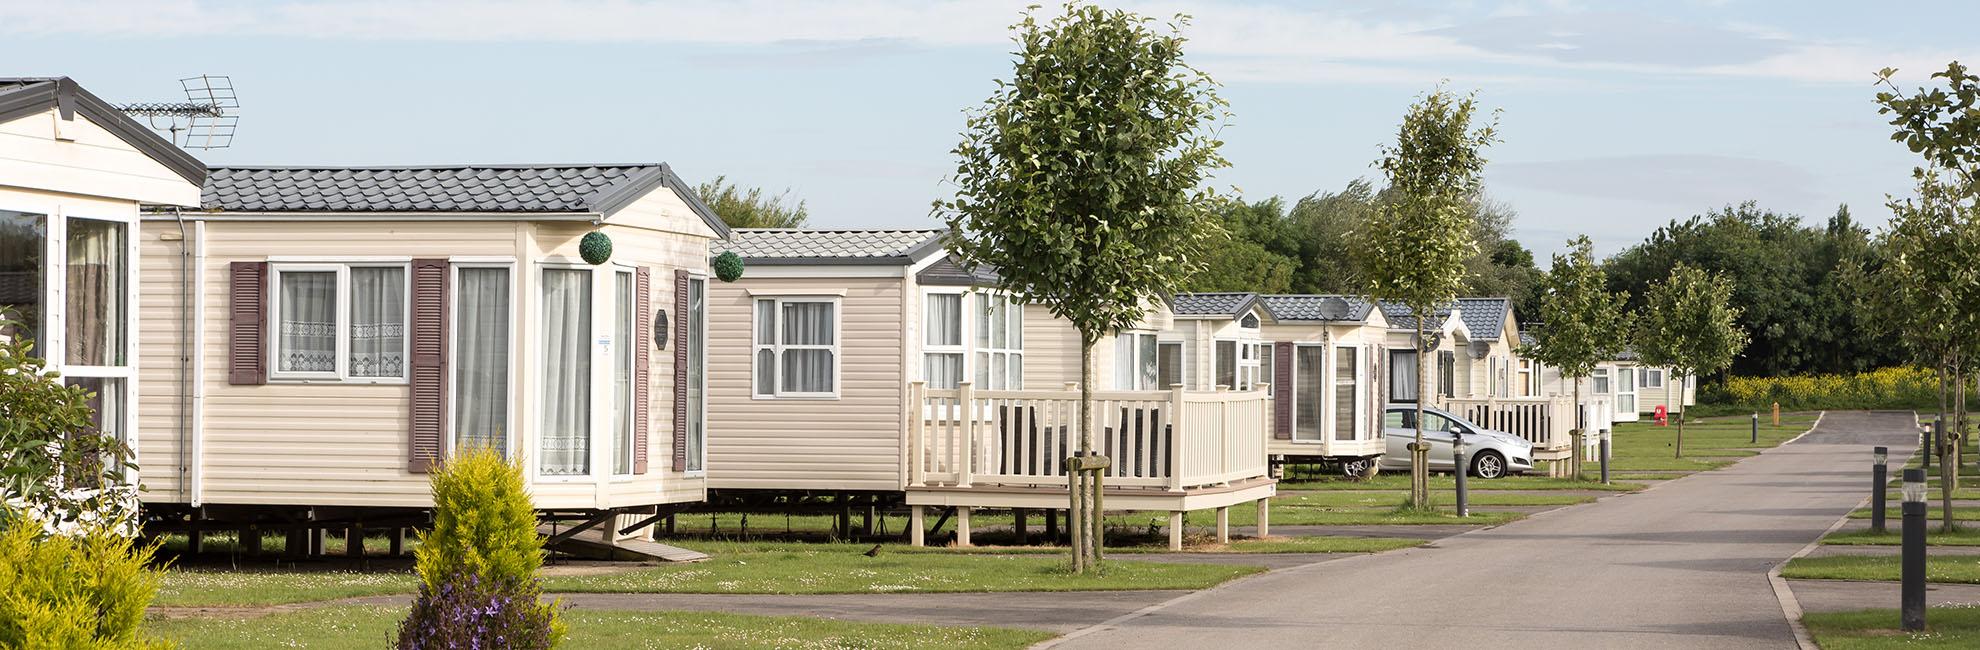 Skipsea Sands Holiday Park, Yorkshire | Parkdean Resorts